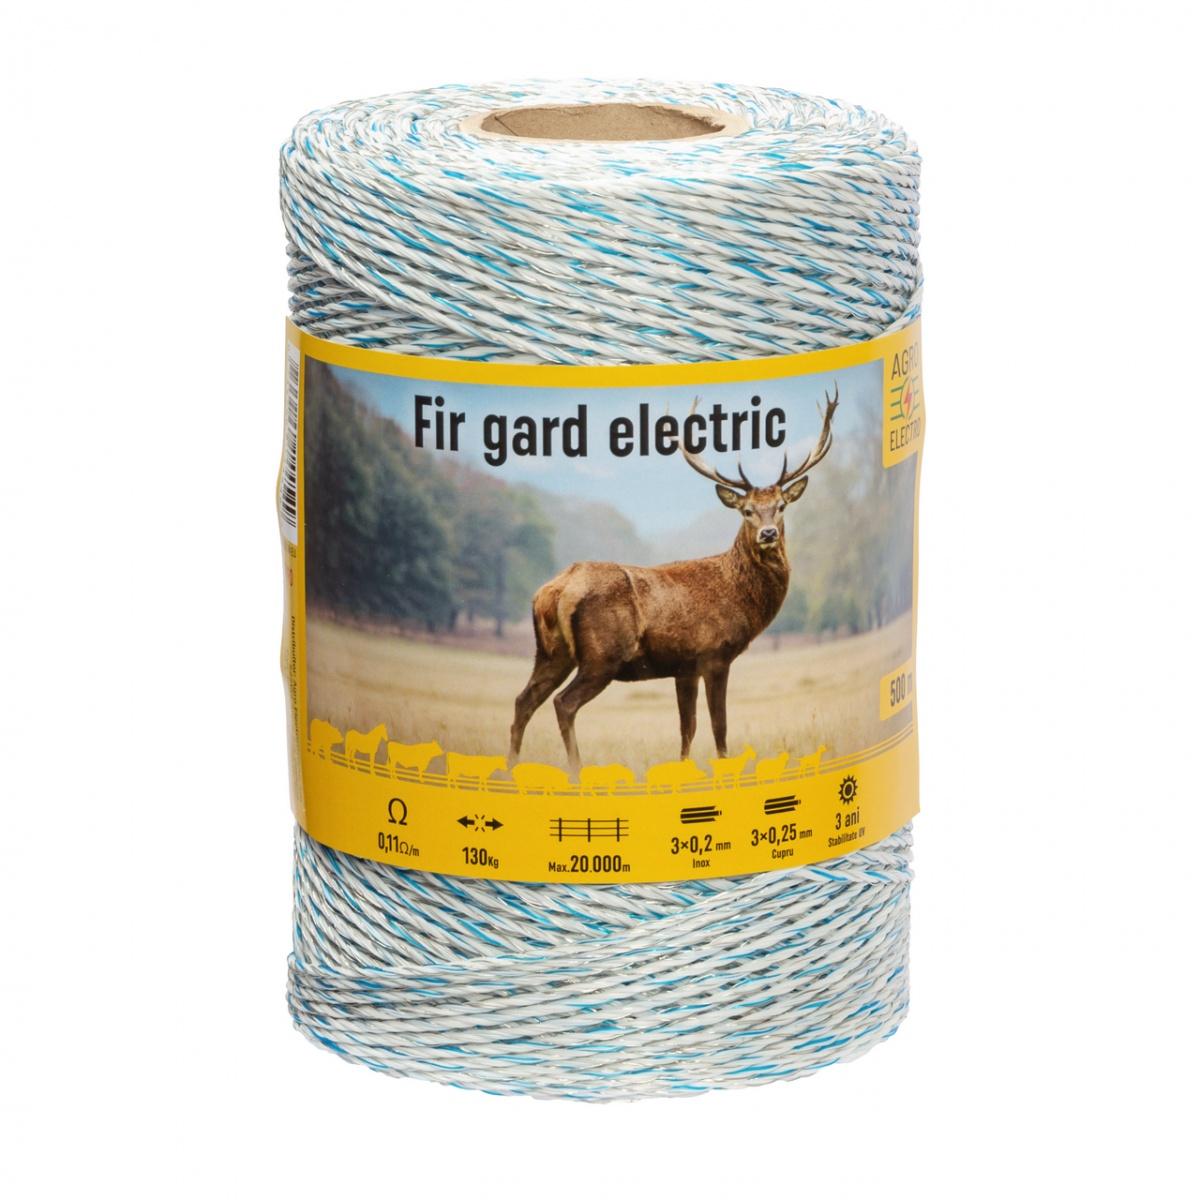 Fir gard electric - 500m - 130kg - 0,11Ω/m